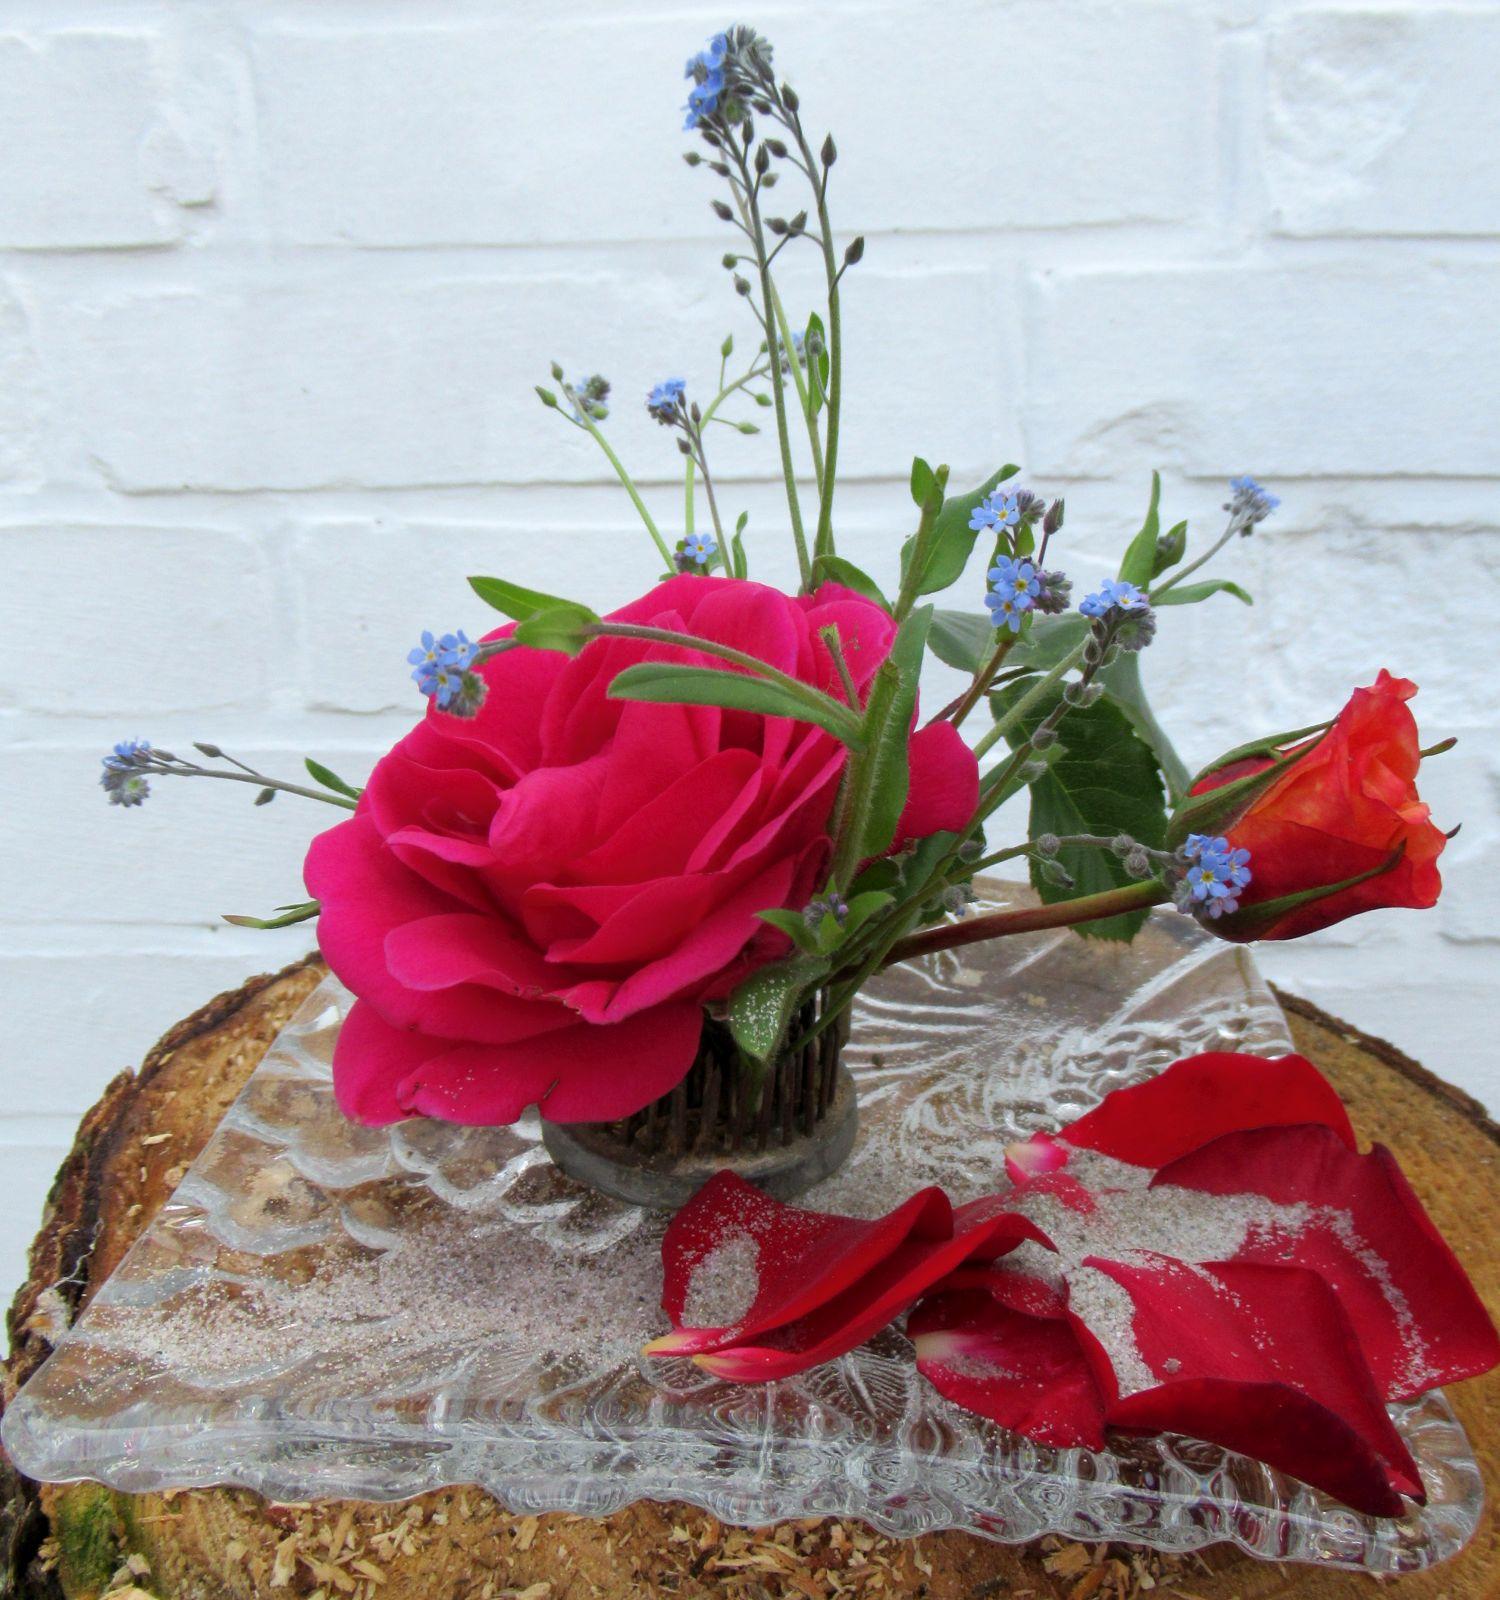 Dekoration mit Rosen und Vergissmeinnicht auf einem Glasteller